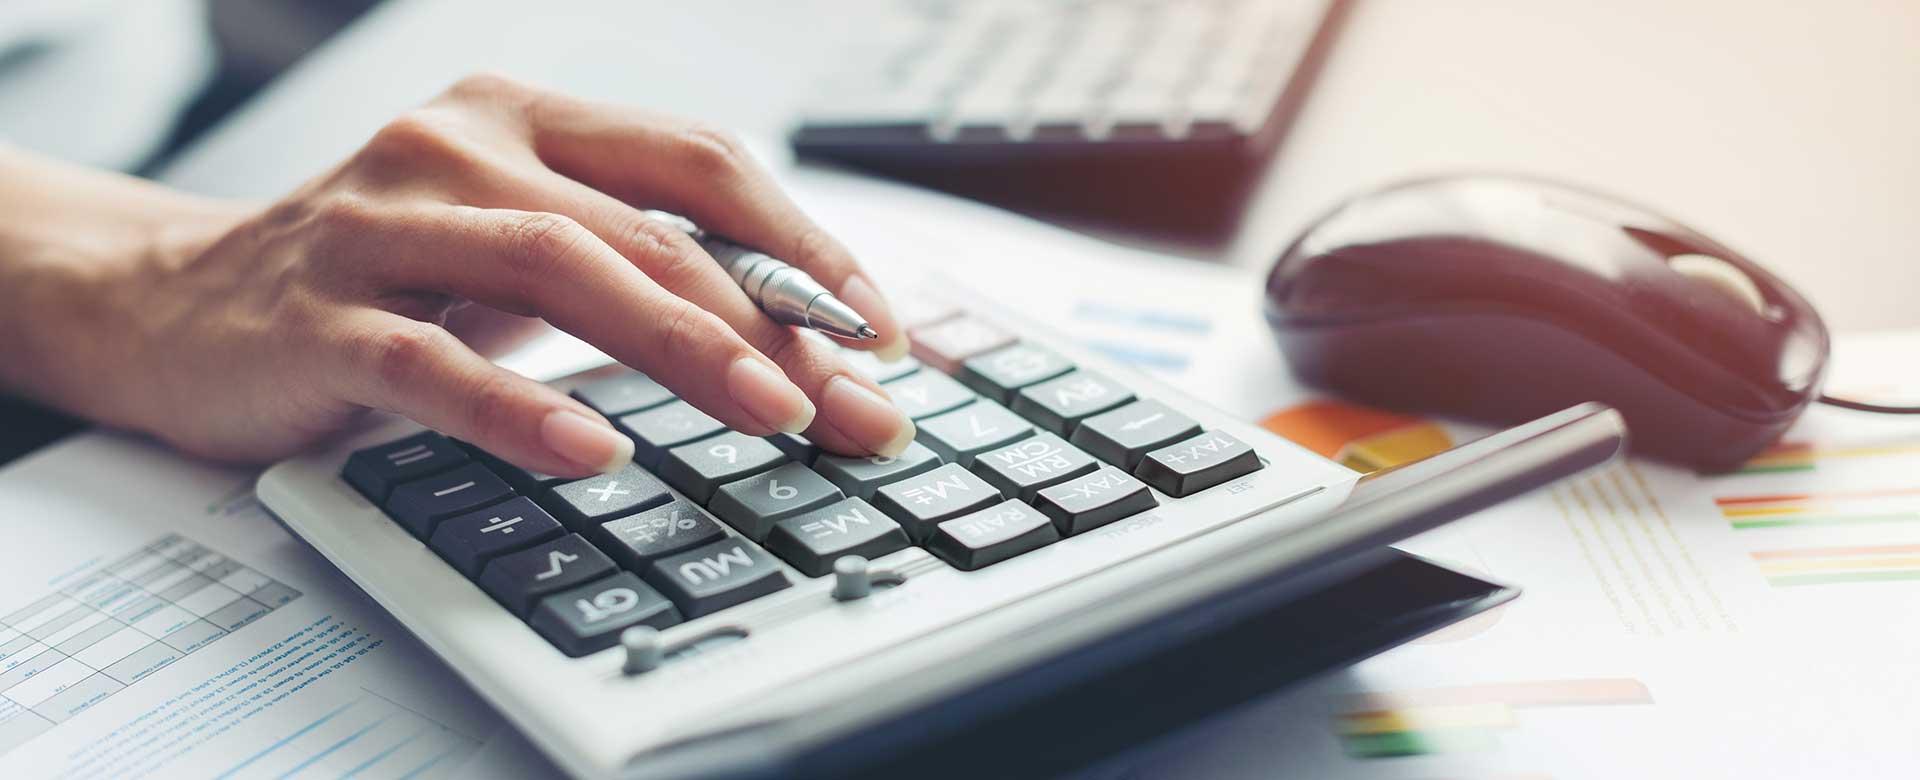 industry-tax-services-barton-walter-krier.jpg